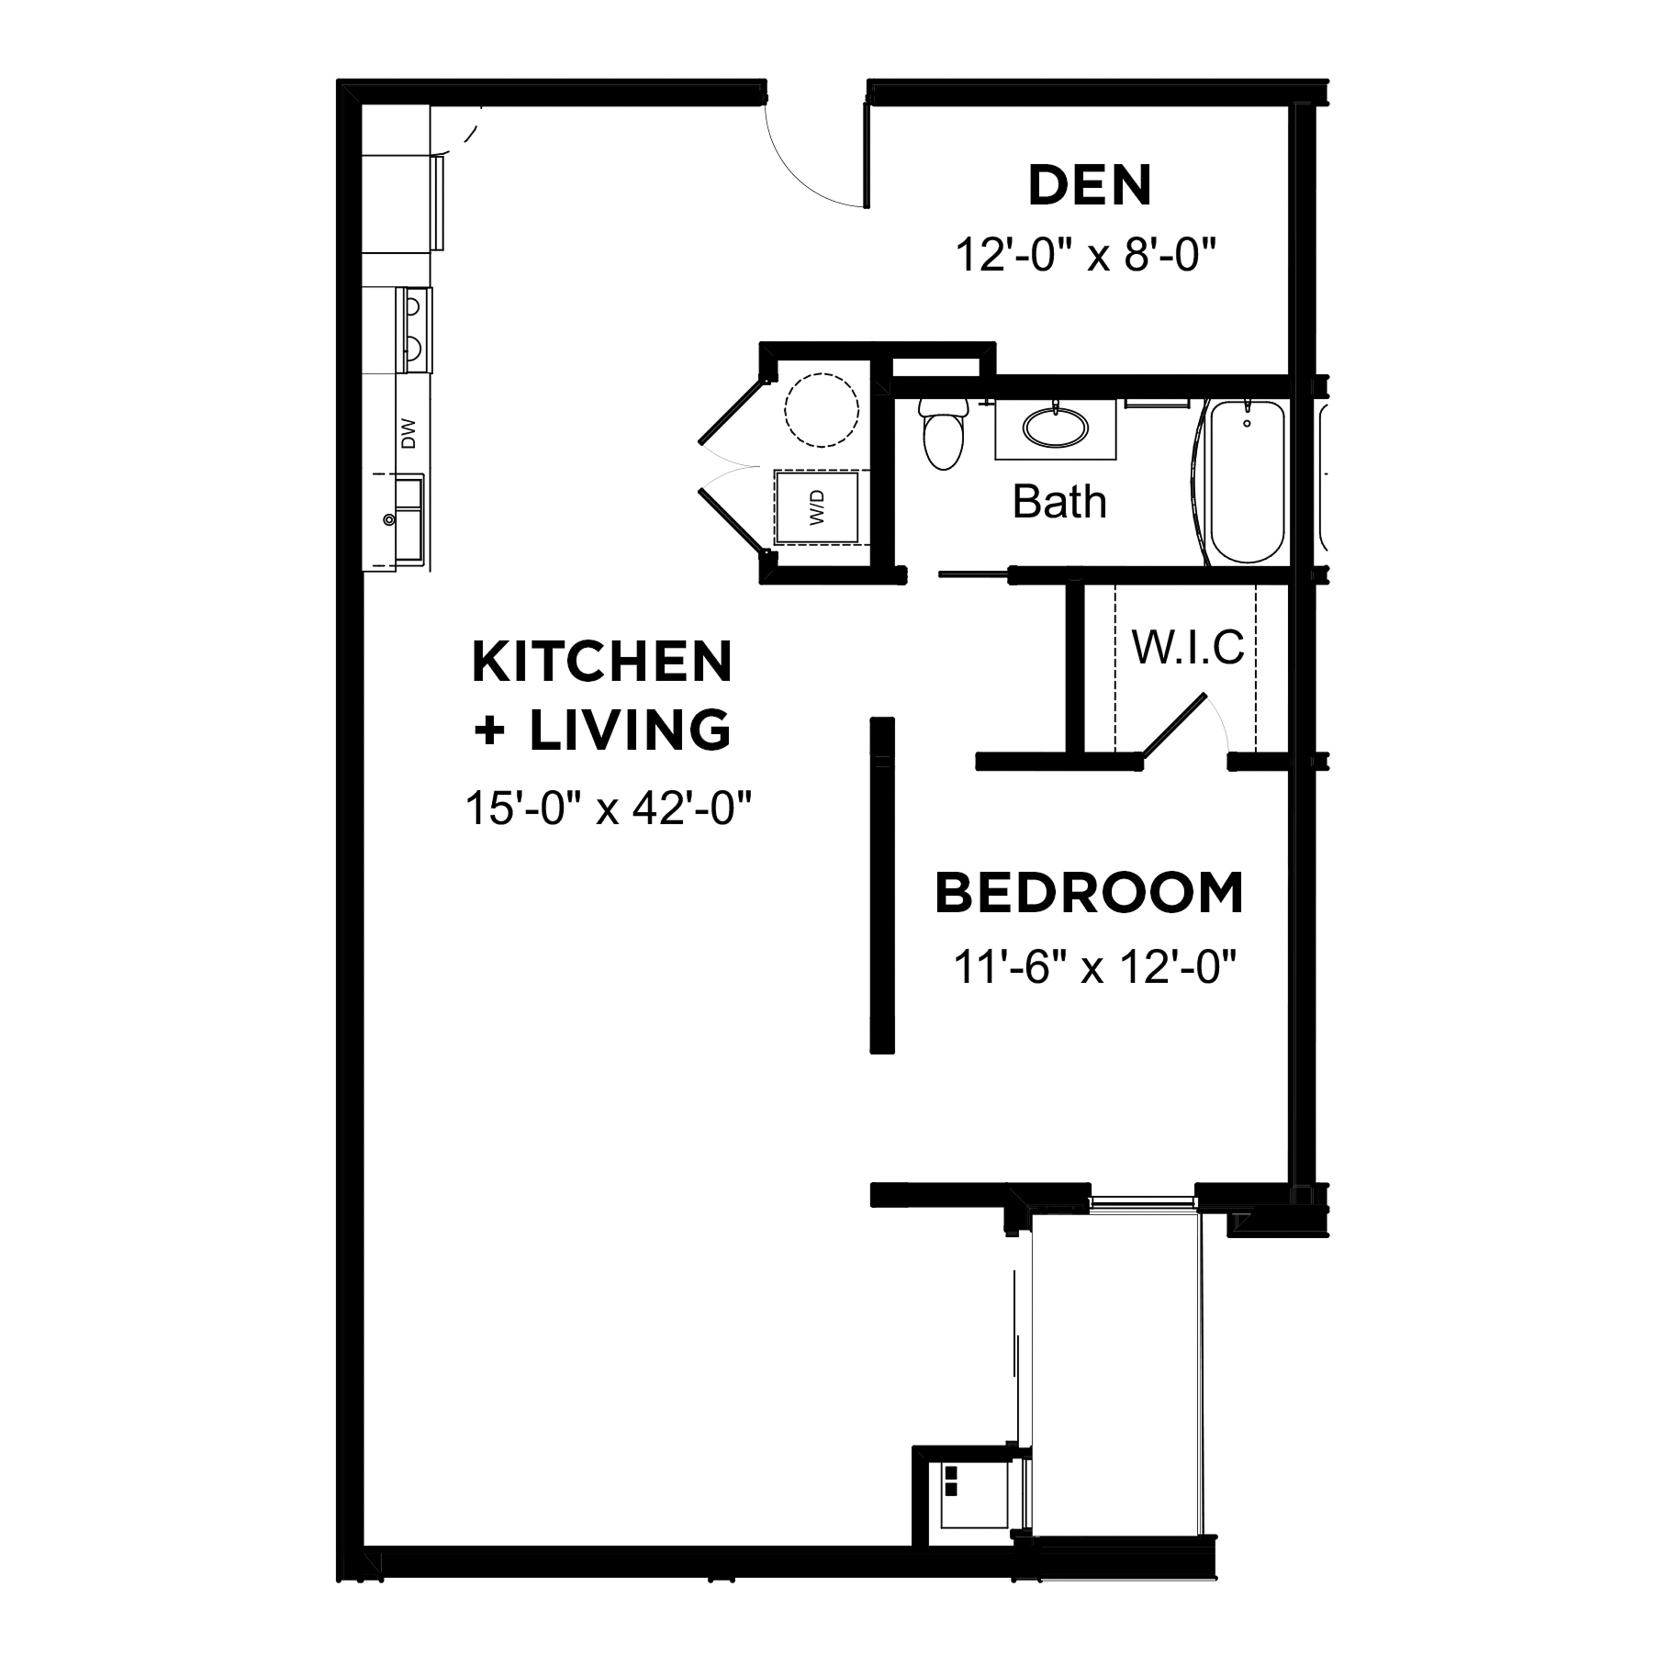 Suite A1 (The Penn Building)